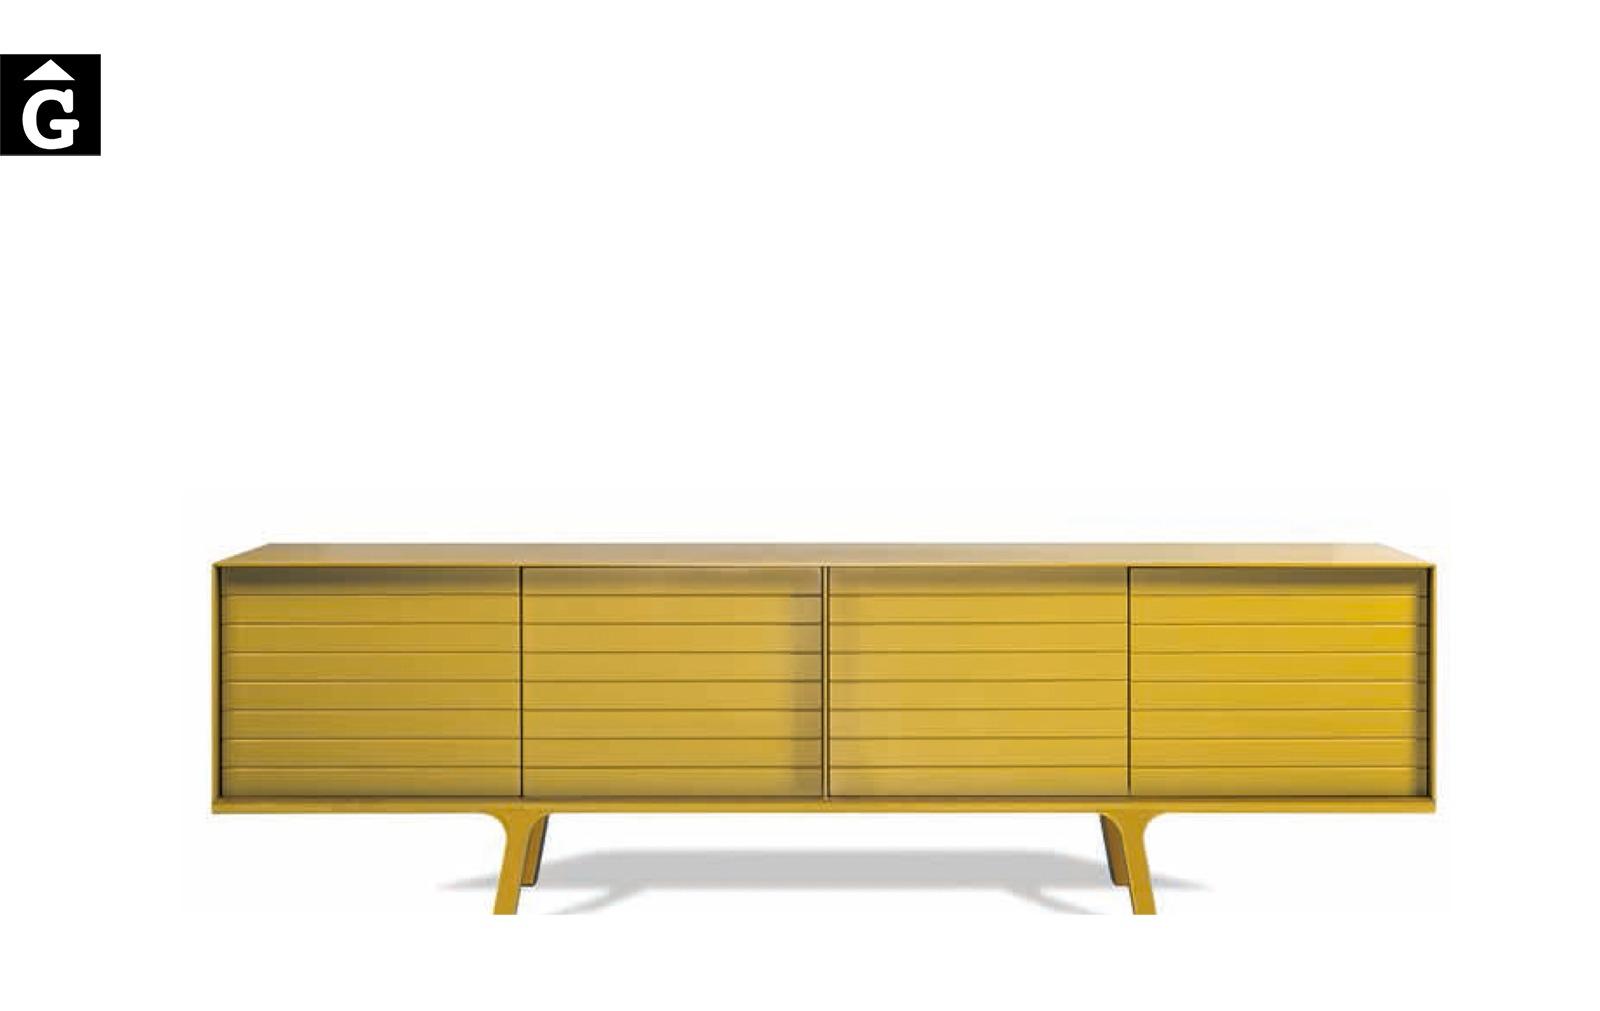 24 2 Moble aparador bufet MOBIUS groc al2 fabricant de mobles Grec distribuïdor mobles Gifreu